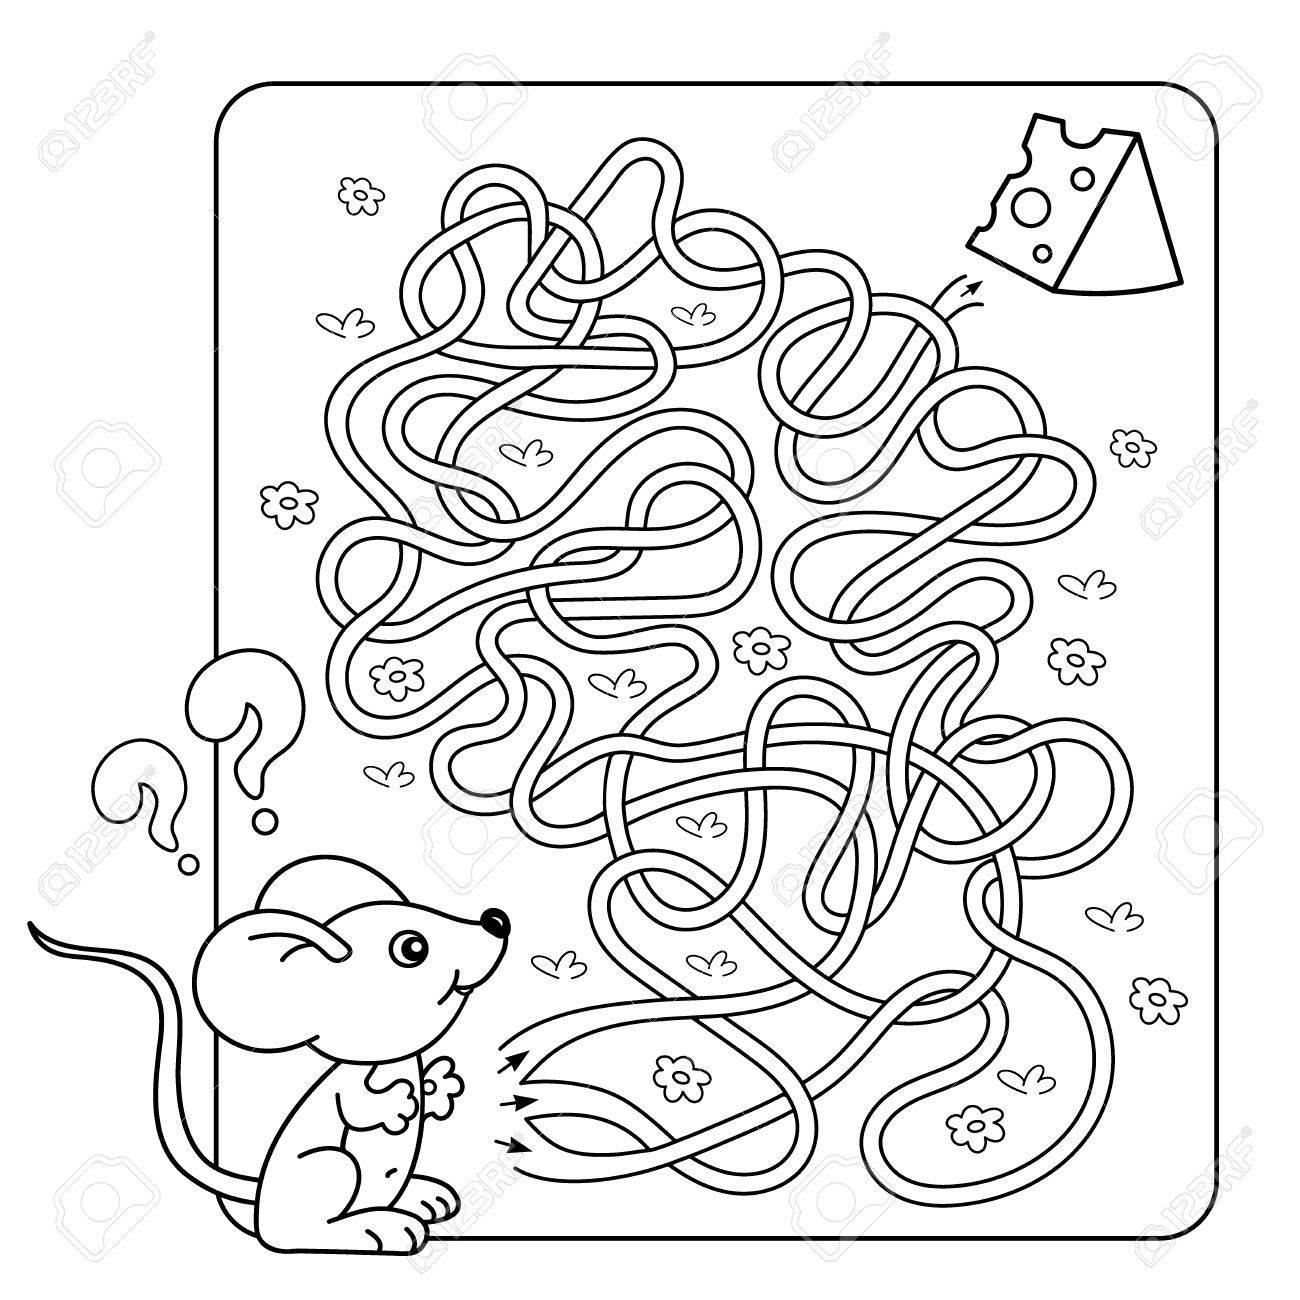 Cartoon Vector Illustration De L'éducation Labyrinte Jeu Pour Enfants D'âge  Préscolaire. Puzzle. Tangled Road. Coloriage Contour De Petite Souris Avec avec Jeux De La Petite Souris